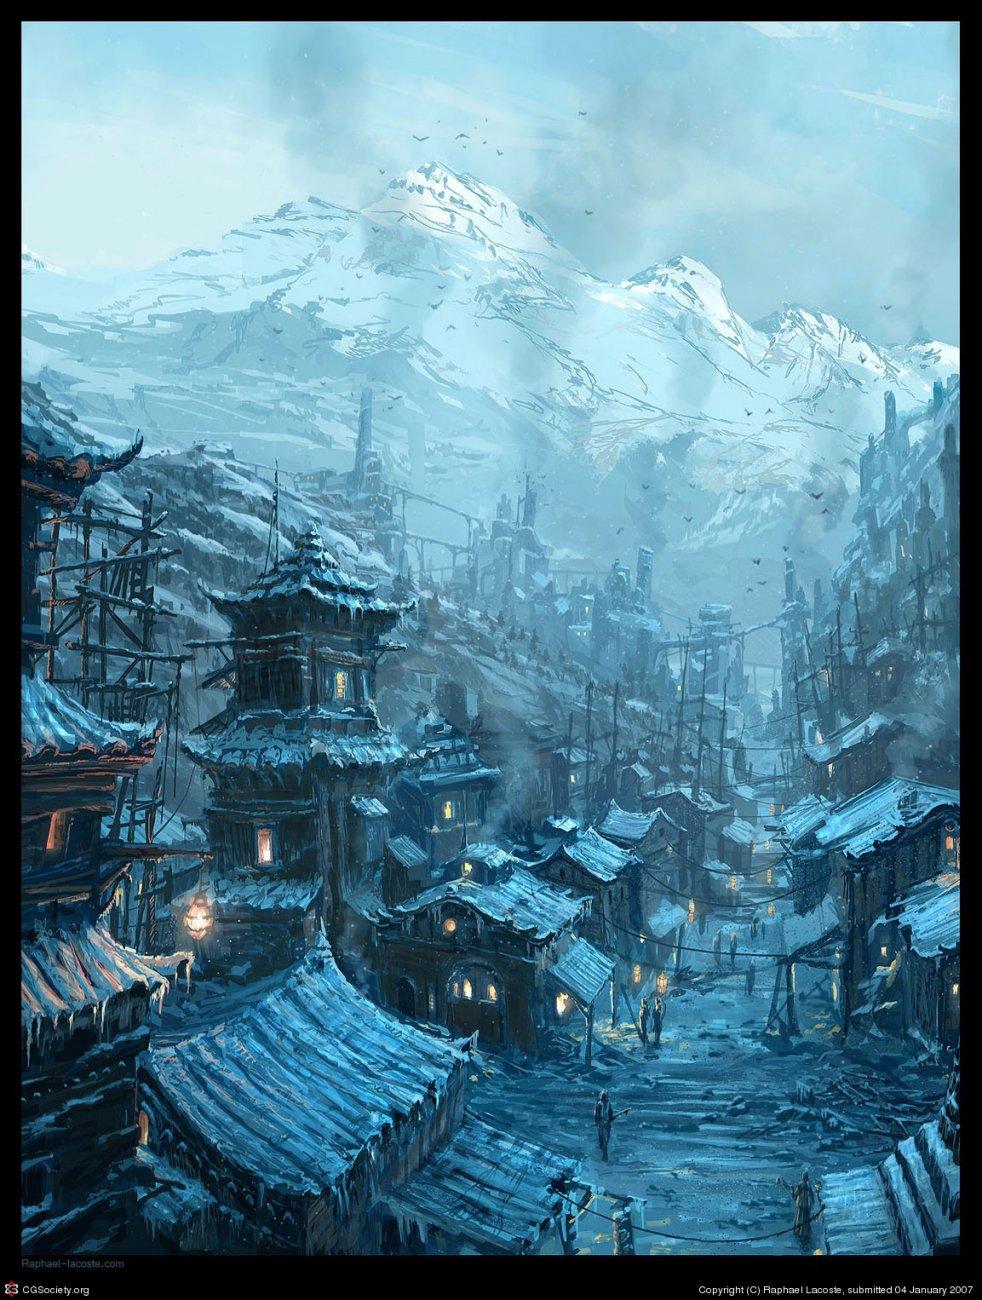 fantasy-art-snow-246281-1153x1526.jpg